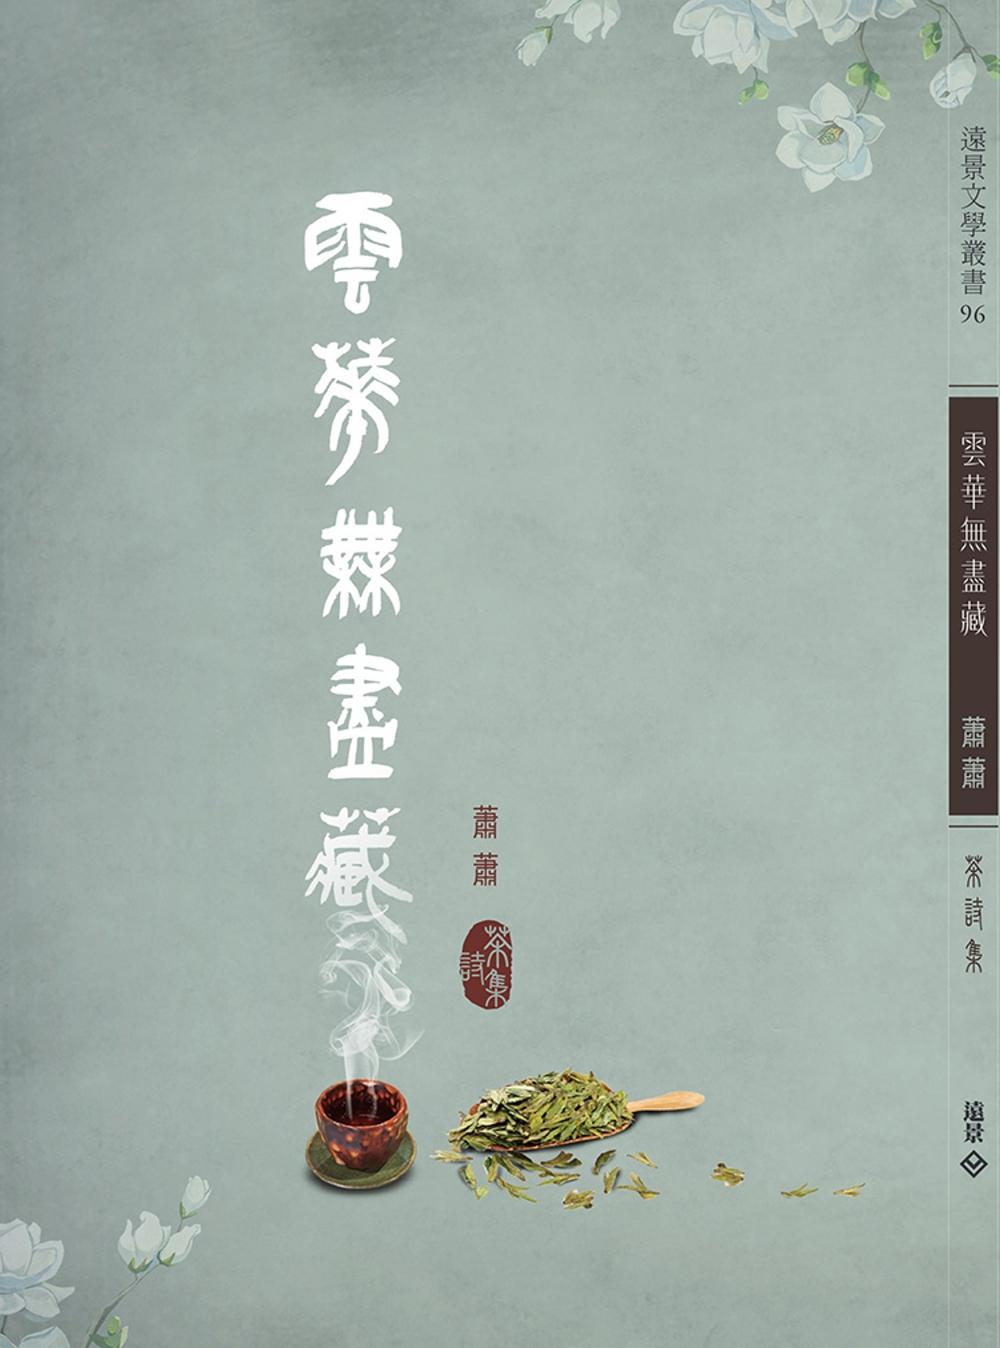 雲華無盡藏 蕭蕭茶詩集